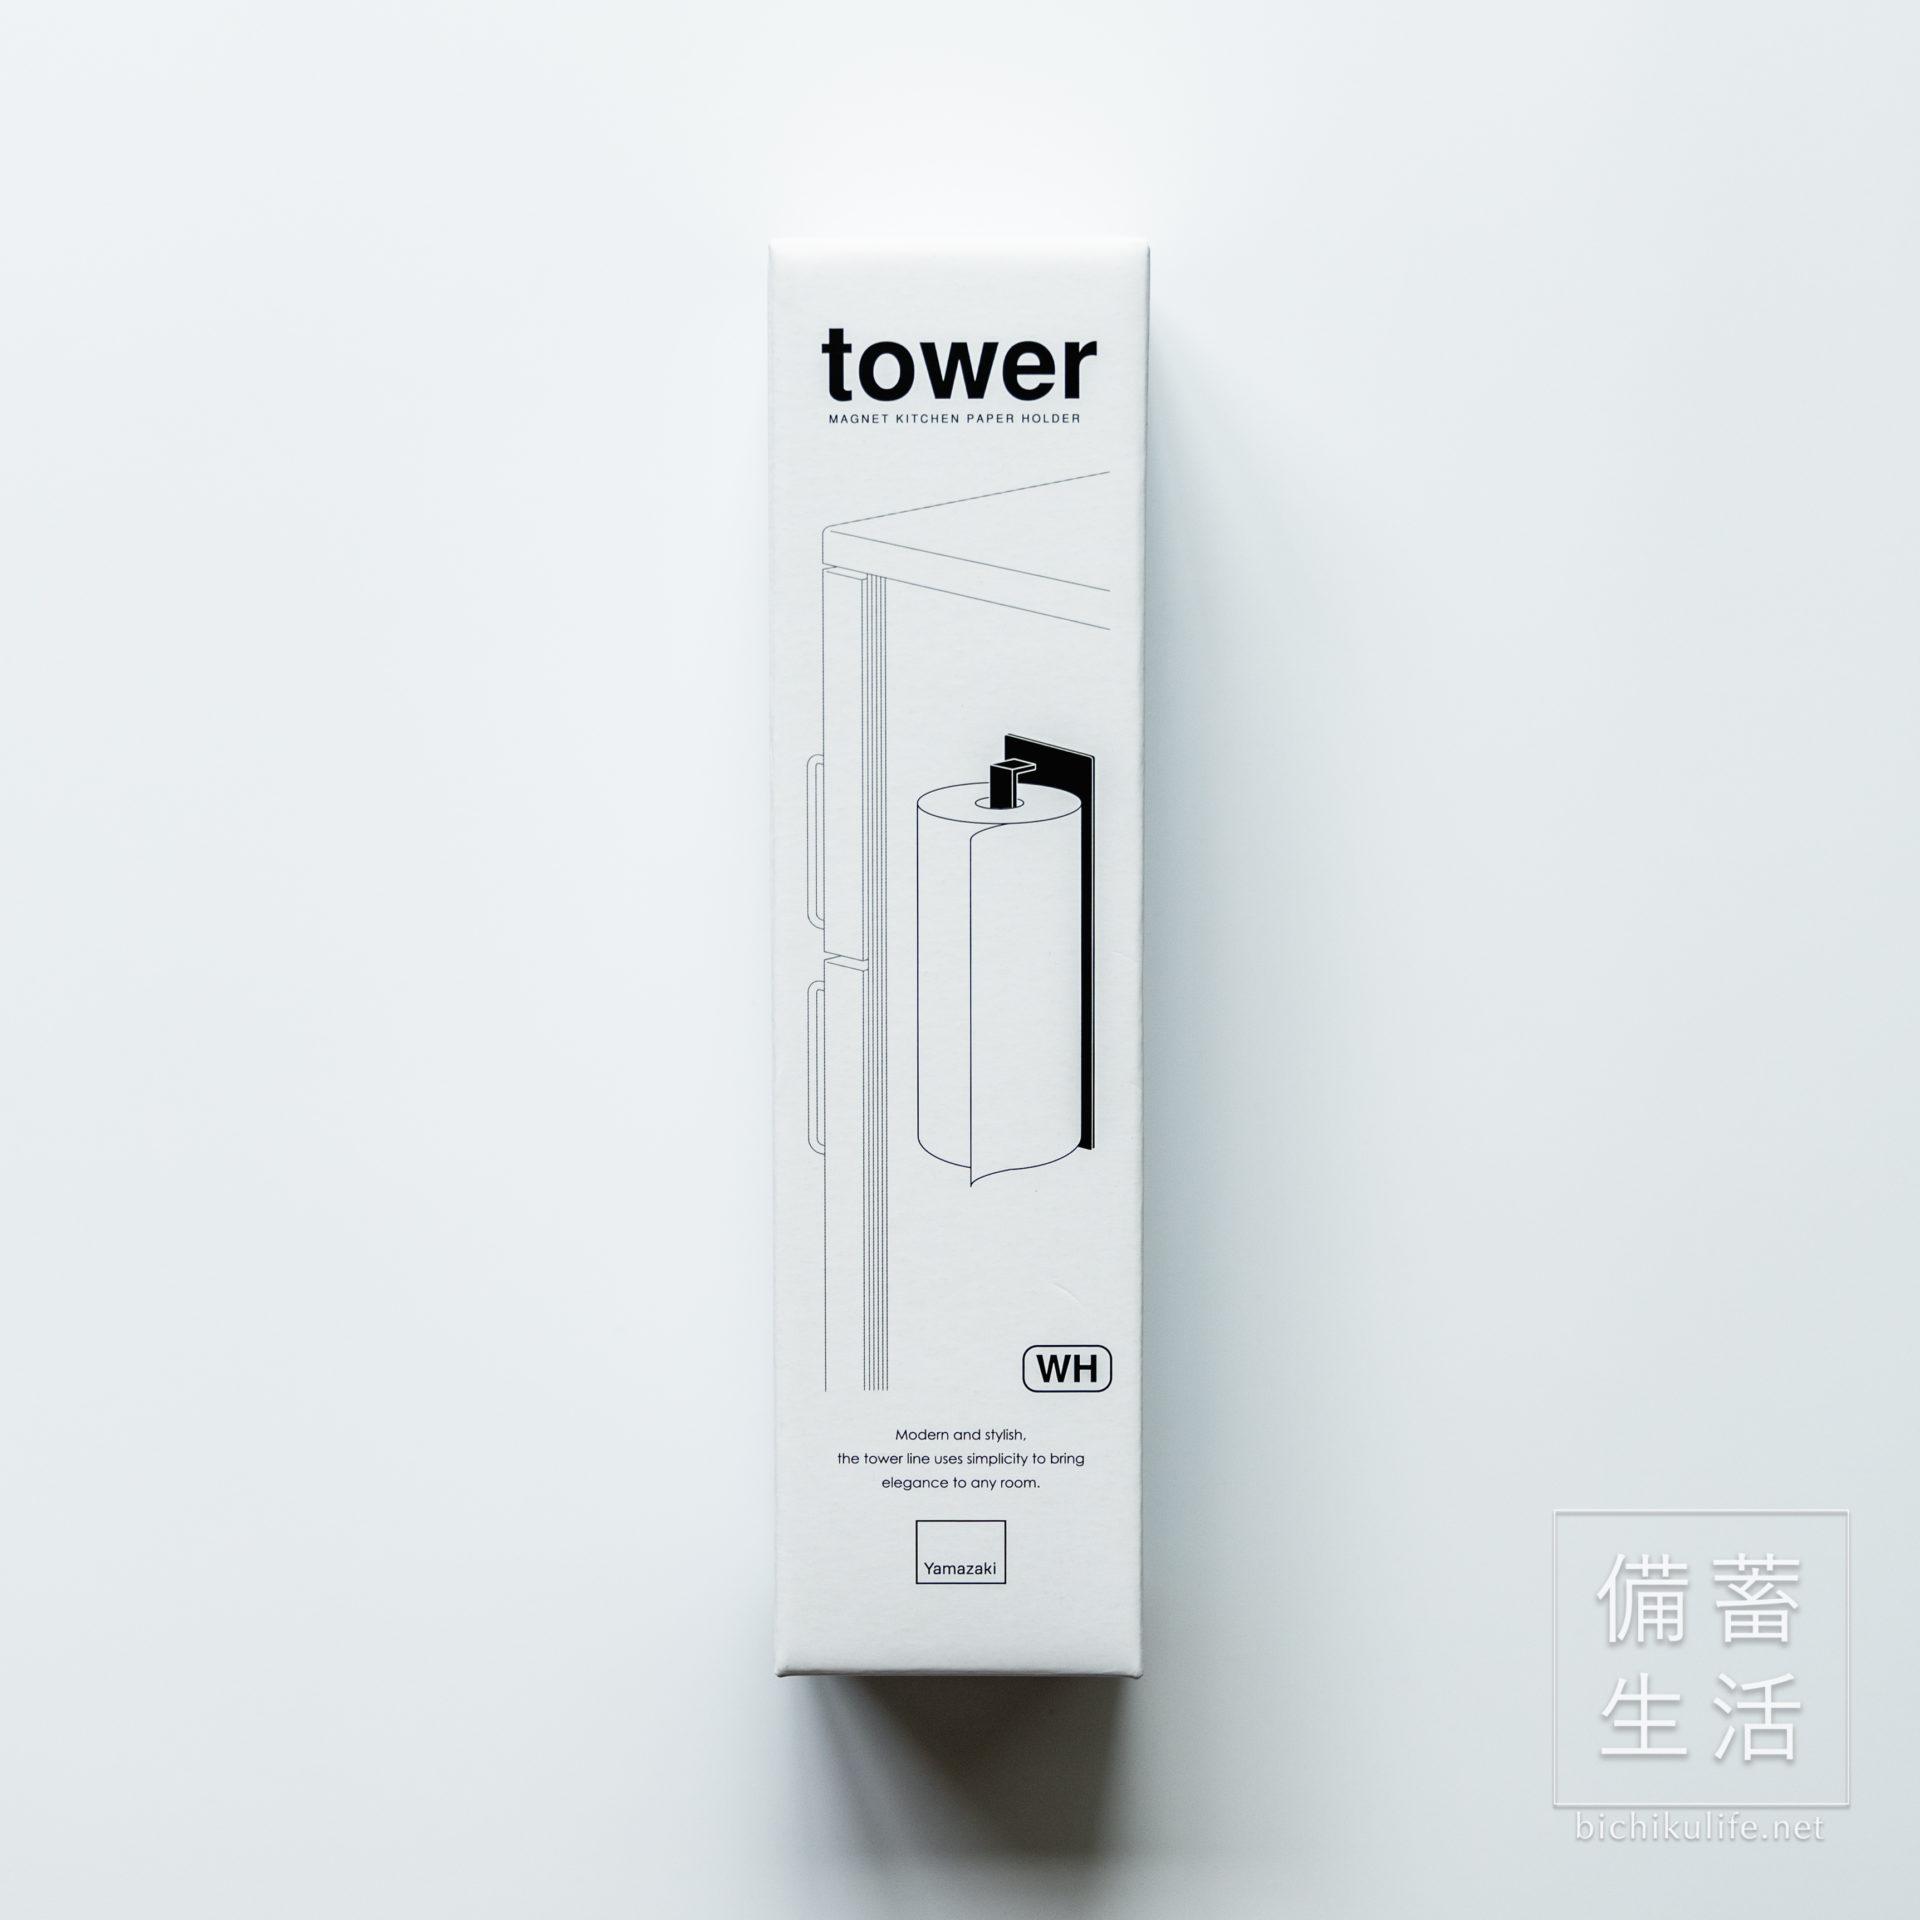 山崎実業 マグネットキッチンペーパーホルダー タワー ホワイト 7127